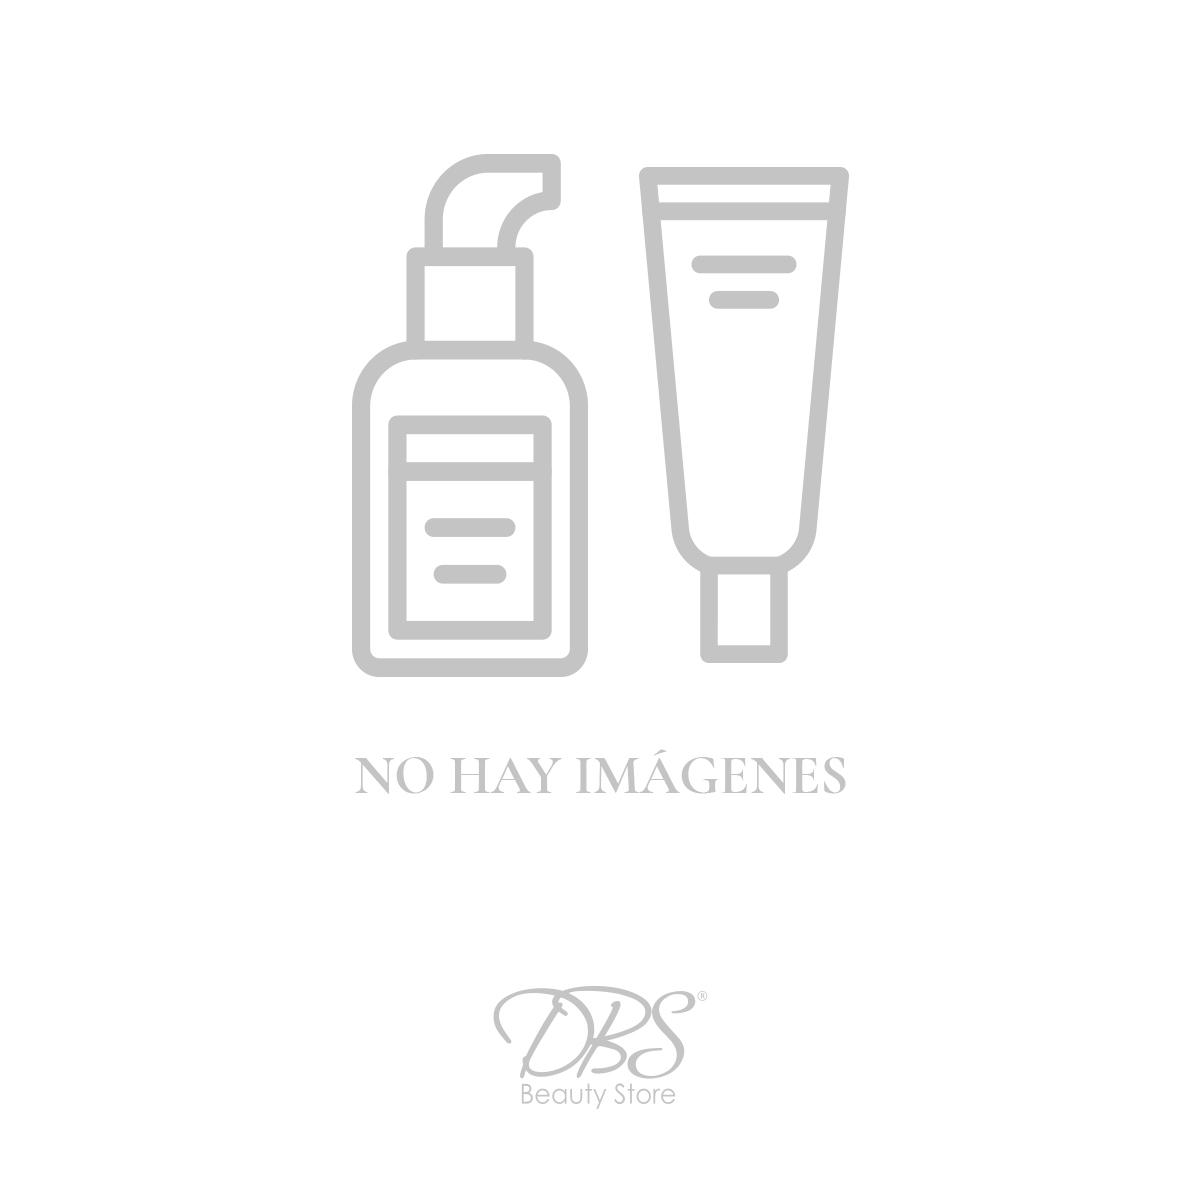 dbs-cosmetics-DBS-OS1344-MP.jpg